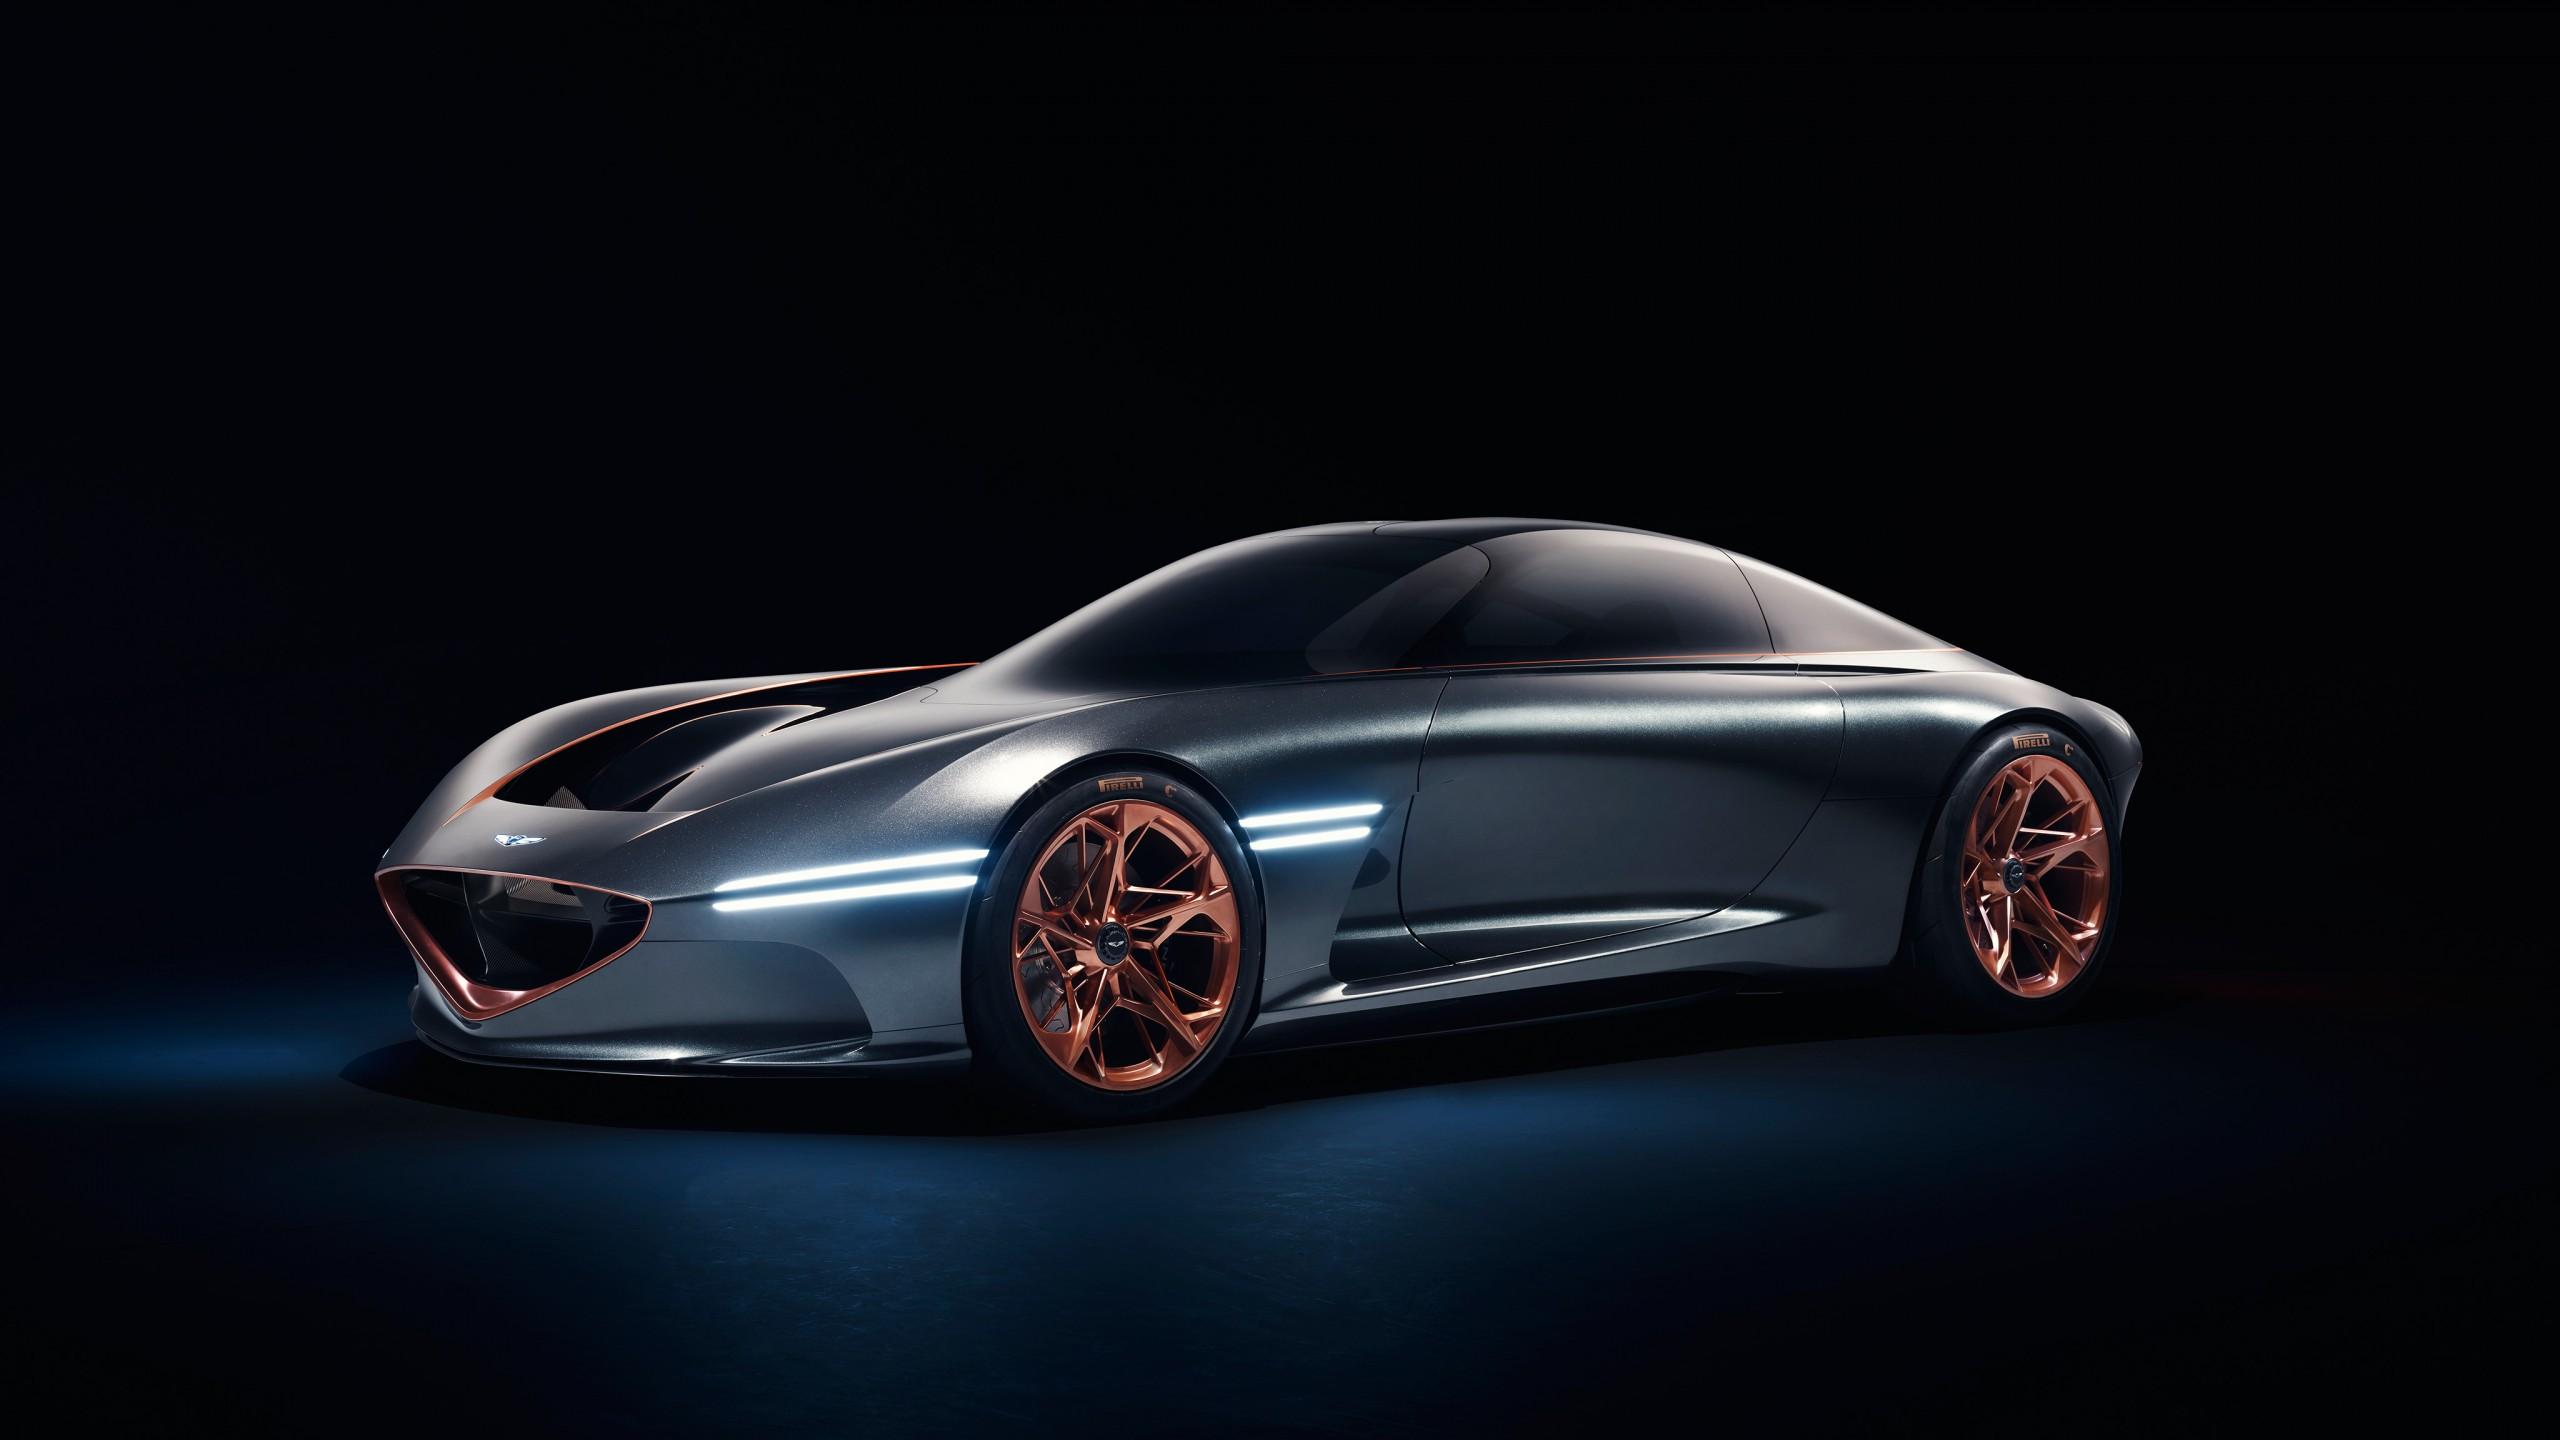 2018 Genesis Essentia Concept 4K 5 Wallpaper | HD Car ...